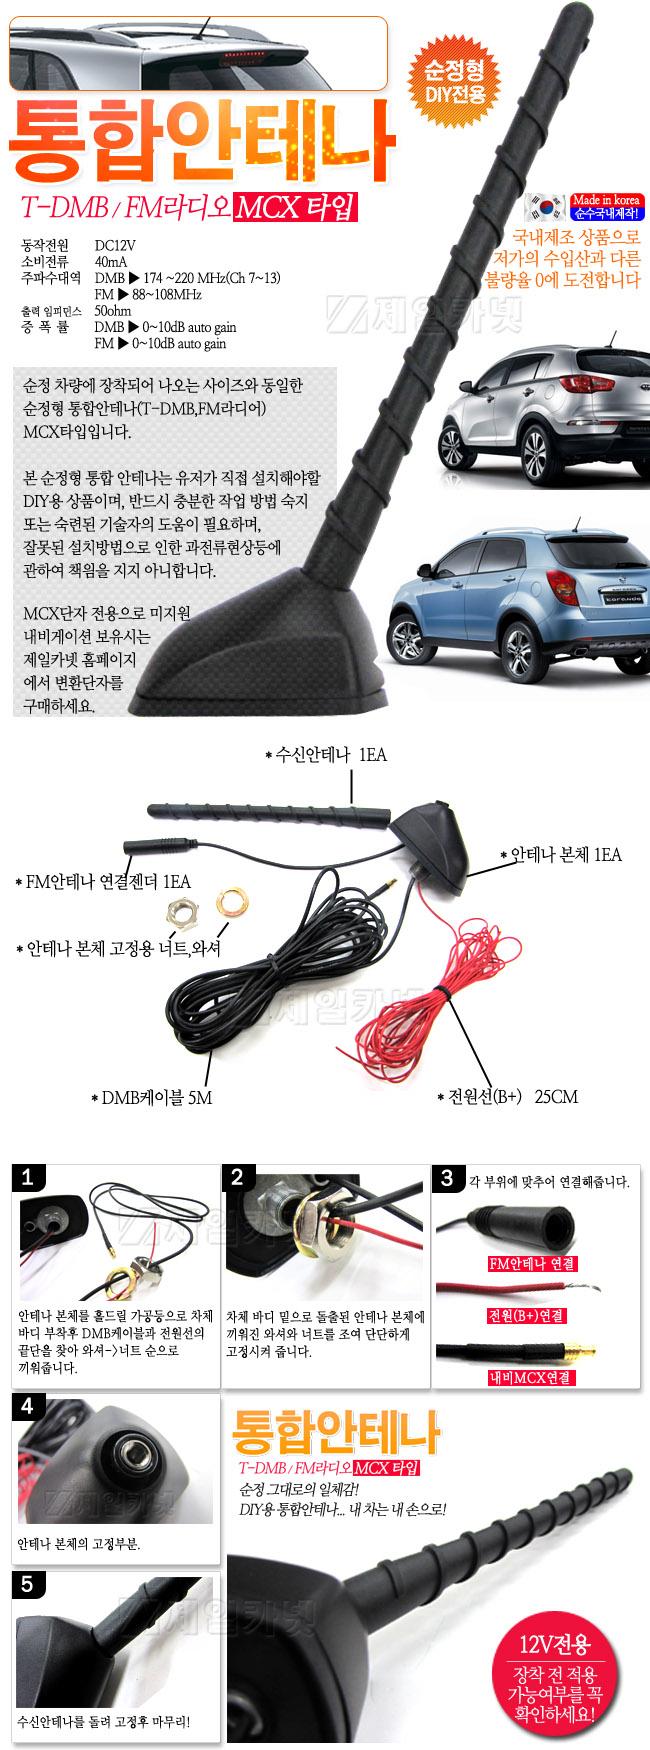 자동차용품, 자동차방음, 언더코팅제